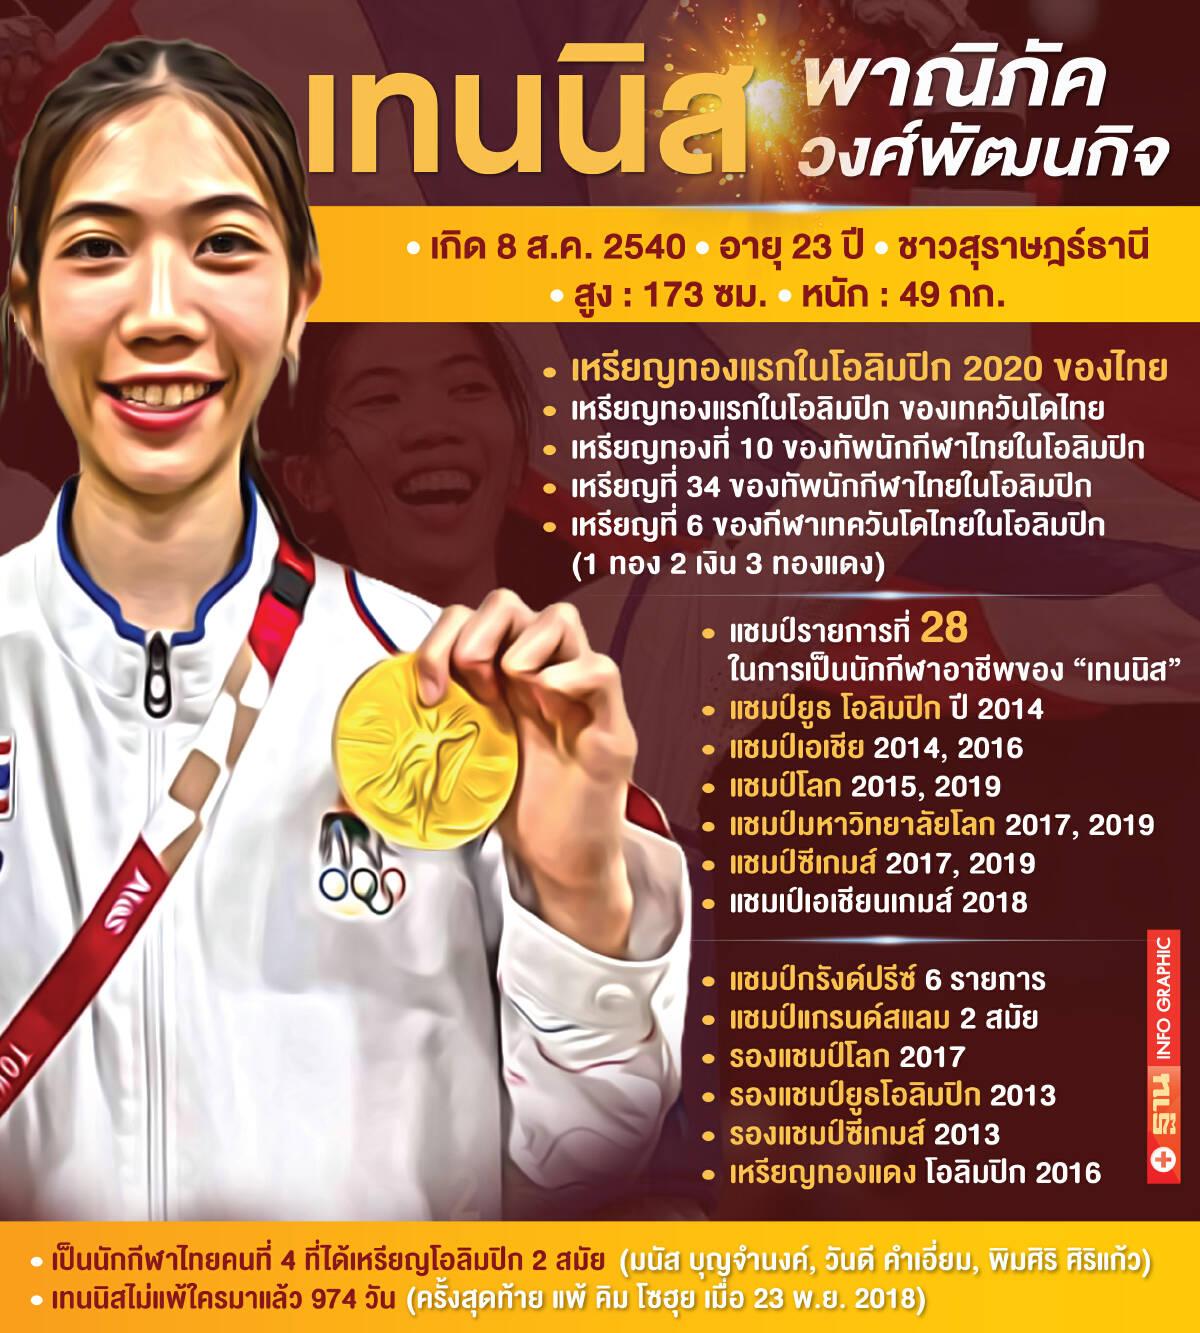 """""""เทนนิส-พาณิภัค วงศ์พัฒนกิจ"""" กับ โอลิมปิก 2020"""" บันทึกหน้าใหม่ทัพกีฬาไทย"""